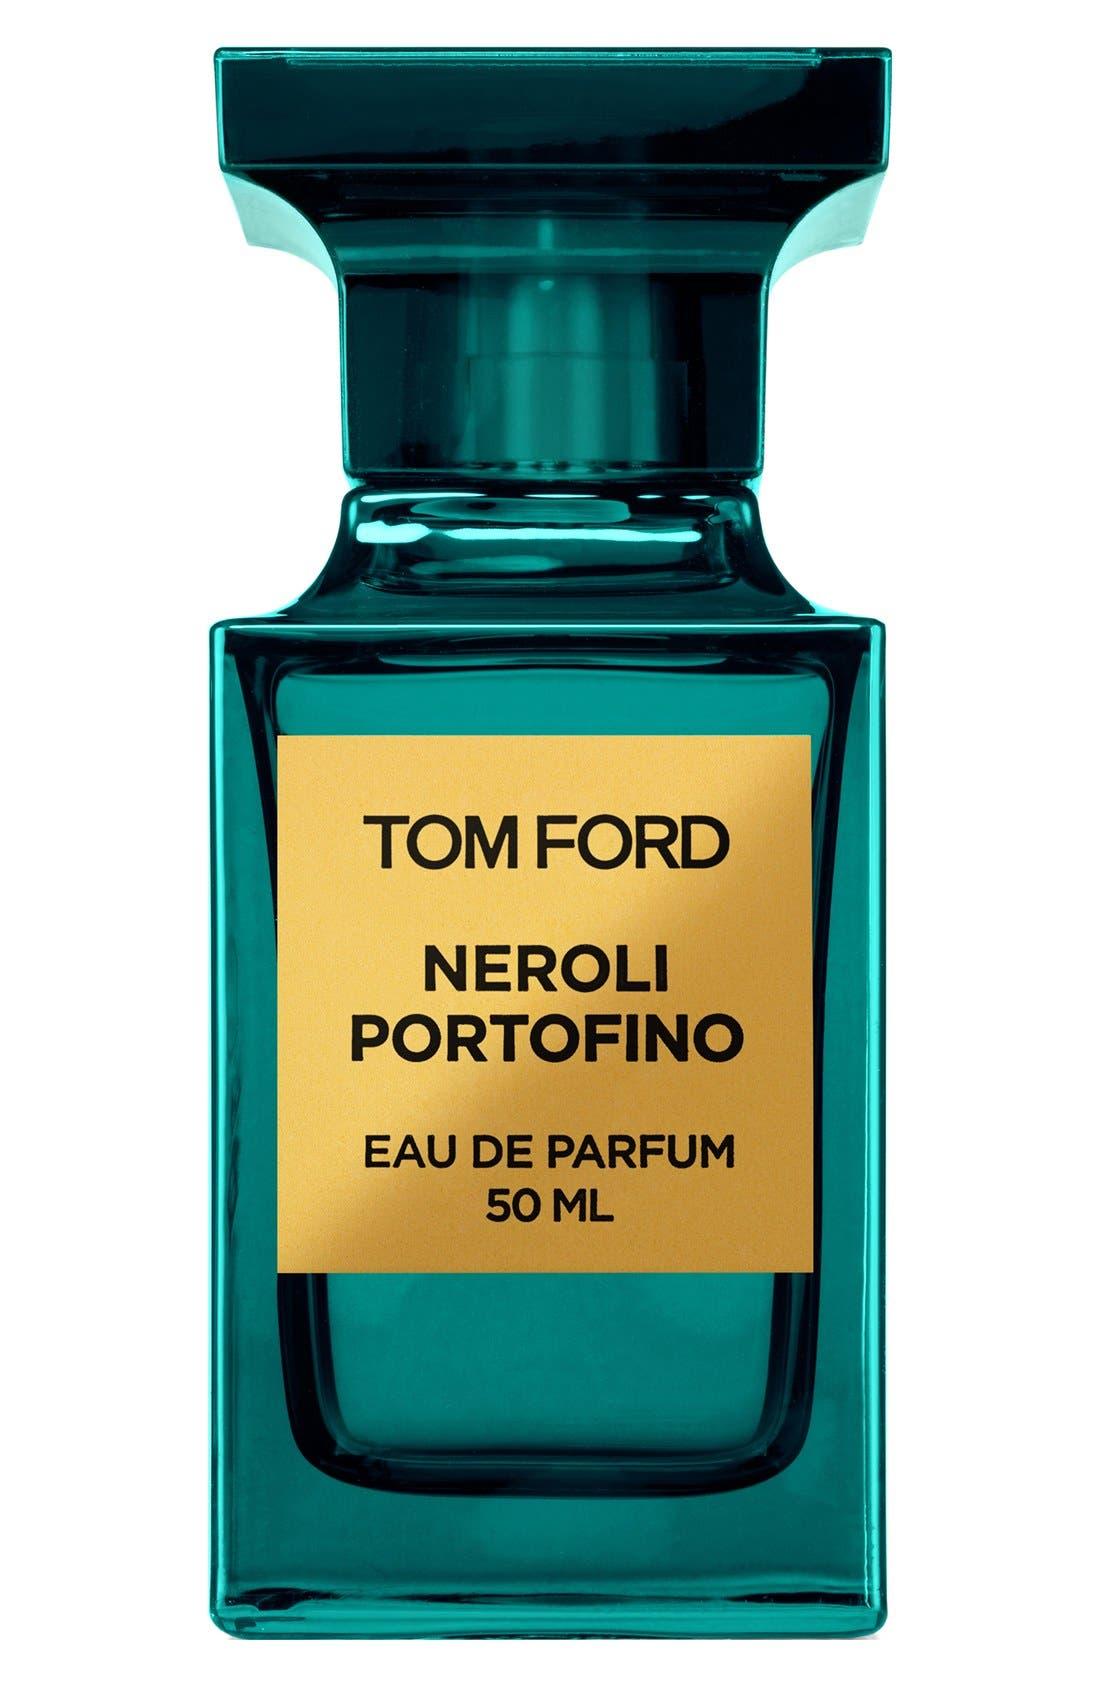 Tom Ford Private Blend Neroli Portofino Eau de Parfum